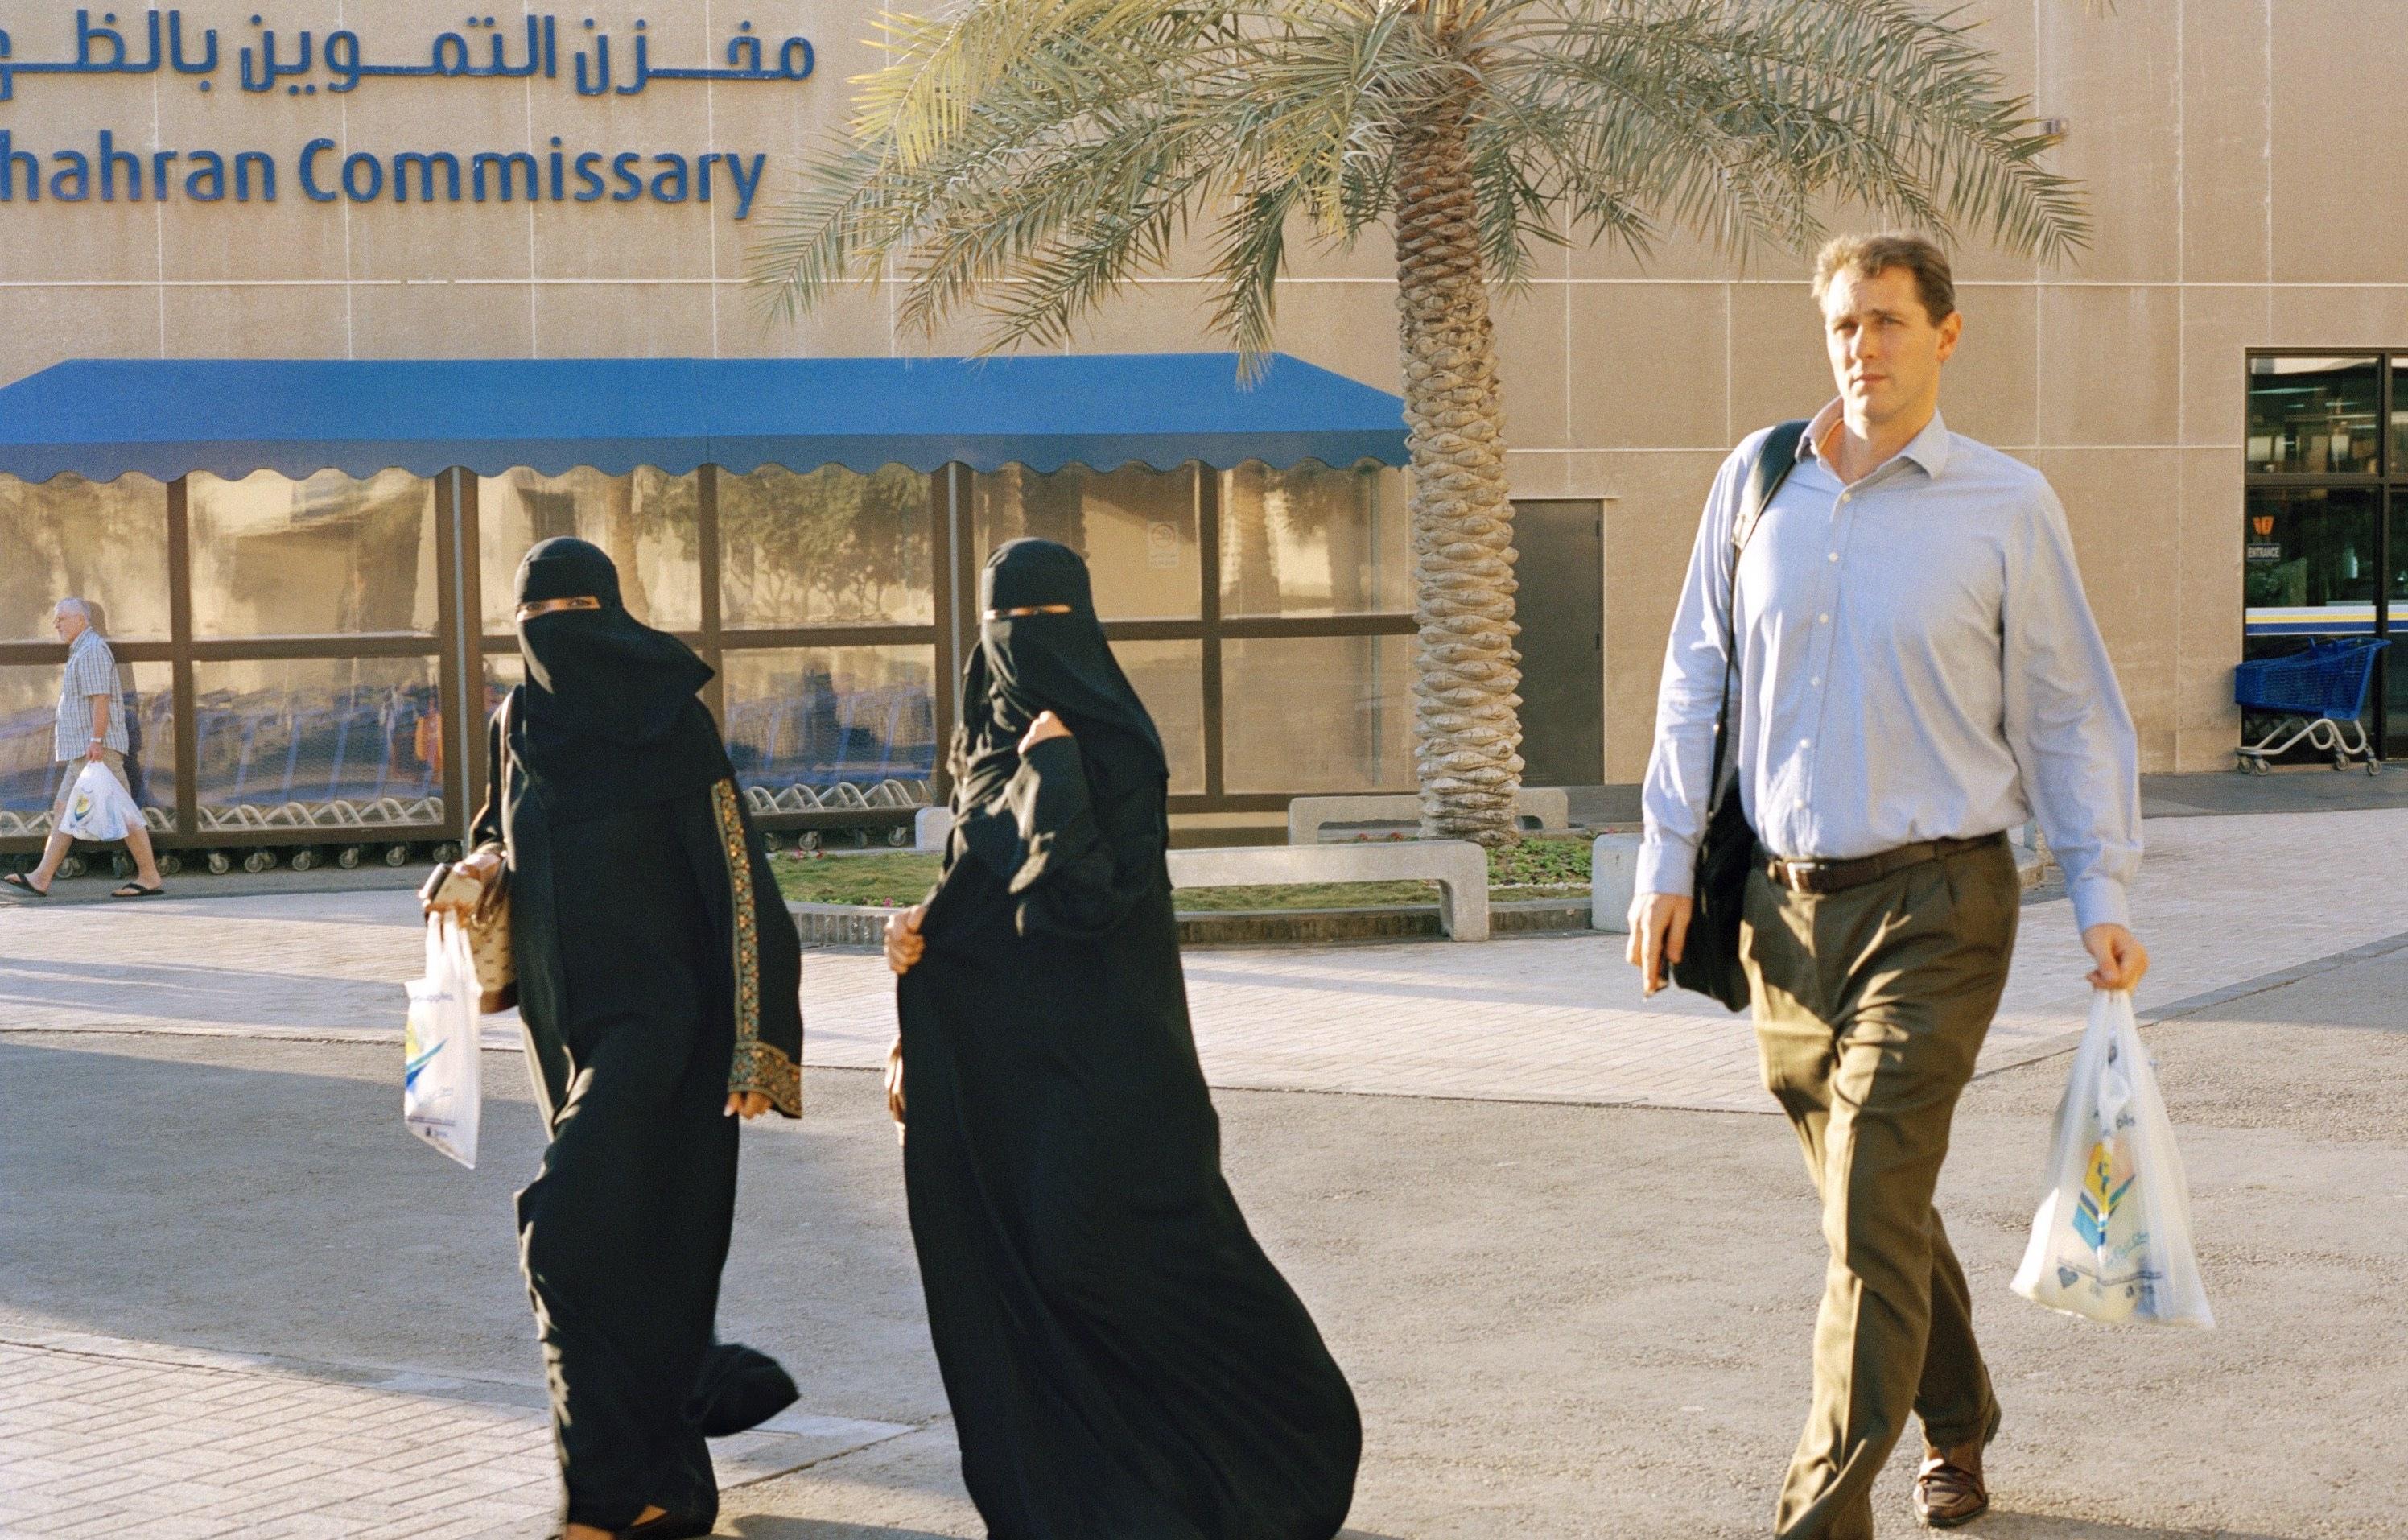 ازدياد طلبات هجرة لأمريكا جاء بعد تراجع الاقتصاد السعودي والتضييق على الحريات